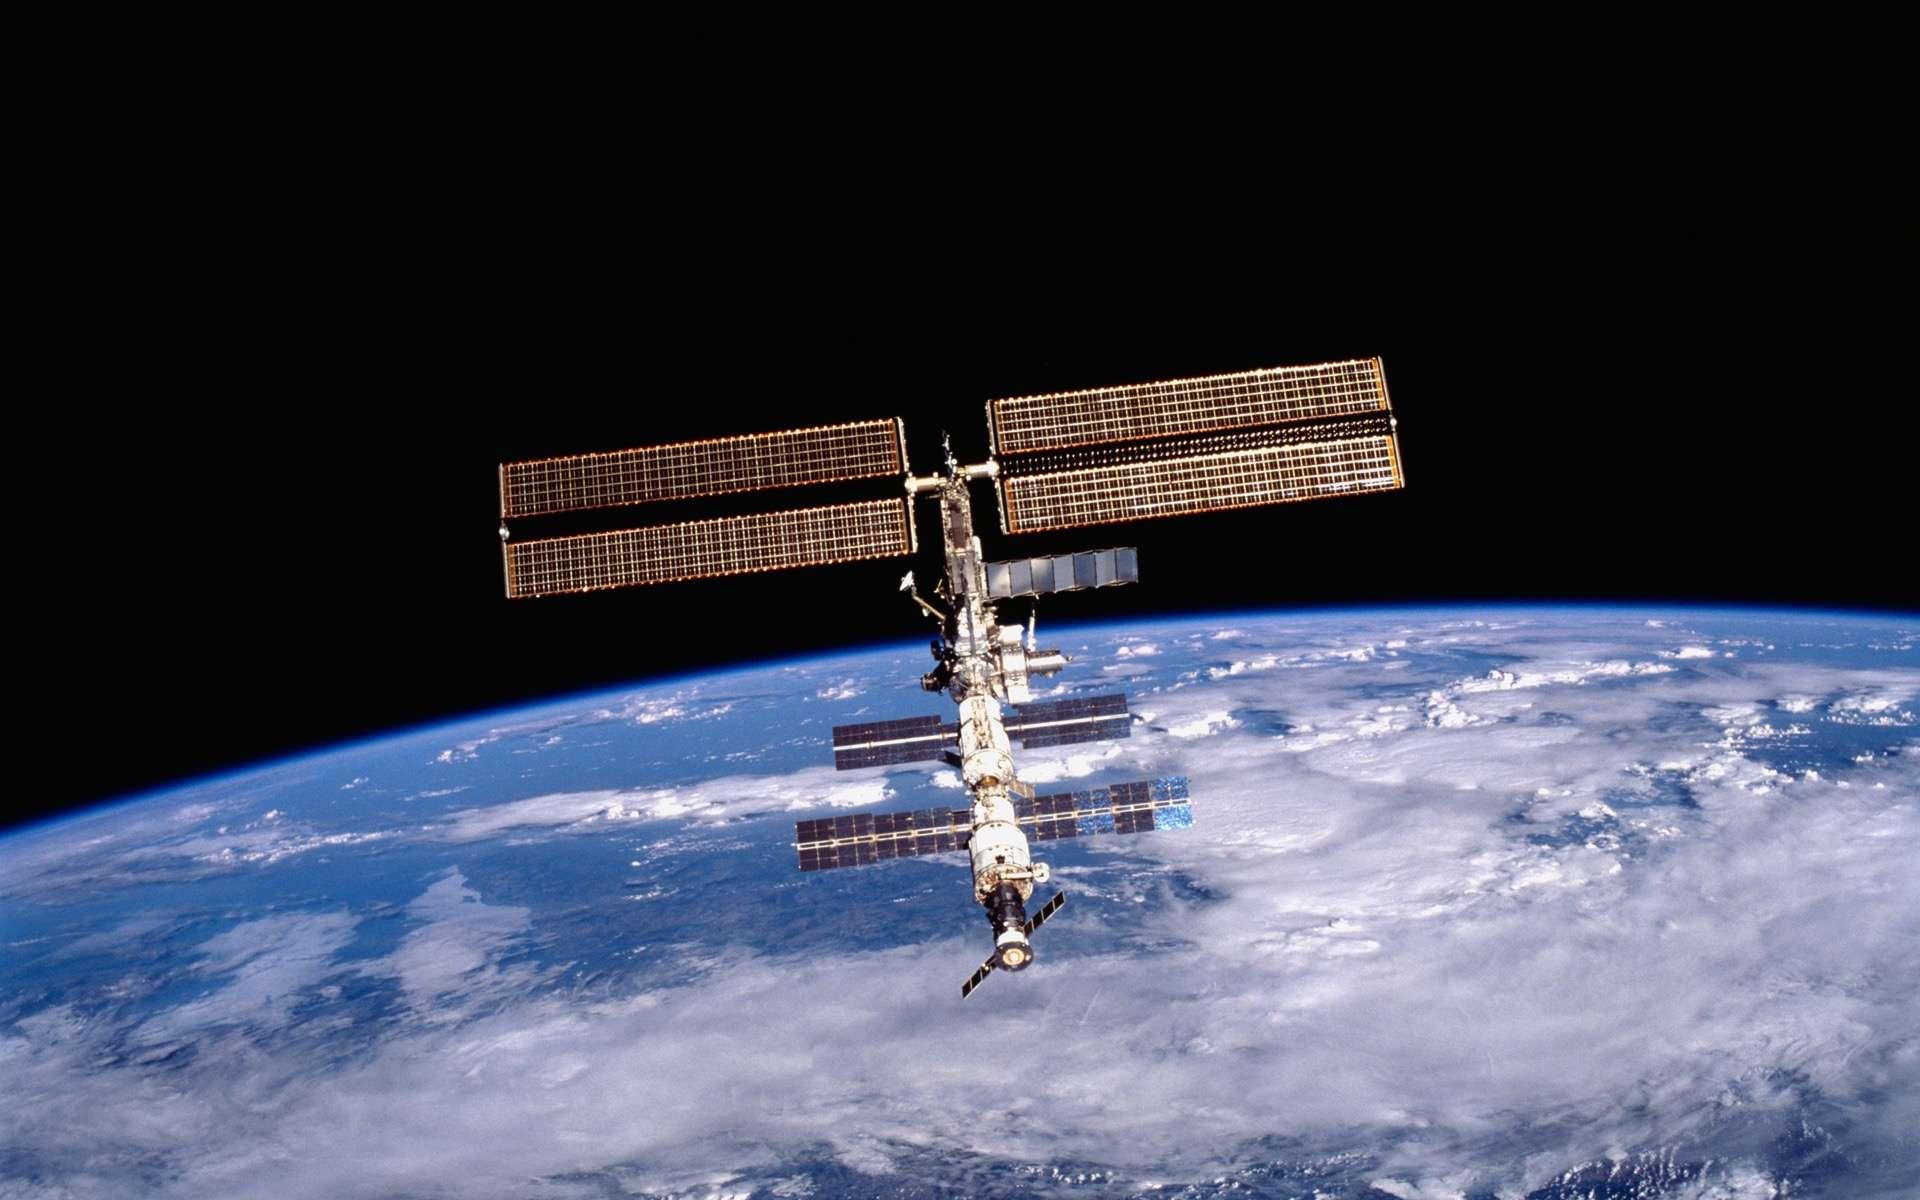 Vendredi 13 janvier, en prévision du passage d'un débris spatial près de l'ISS, à moins de 24 mètres, la Station a rehaussé son orbite pour éviter tout risque de collision. © Nasa